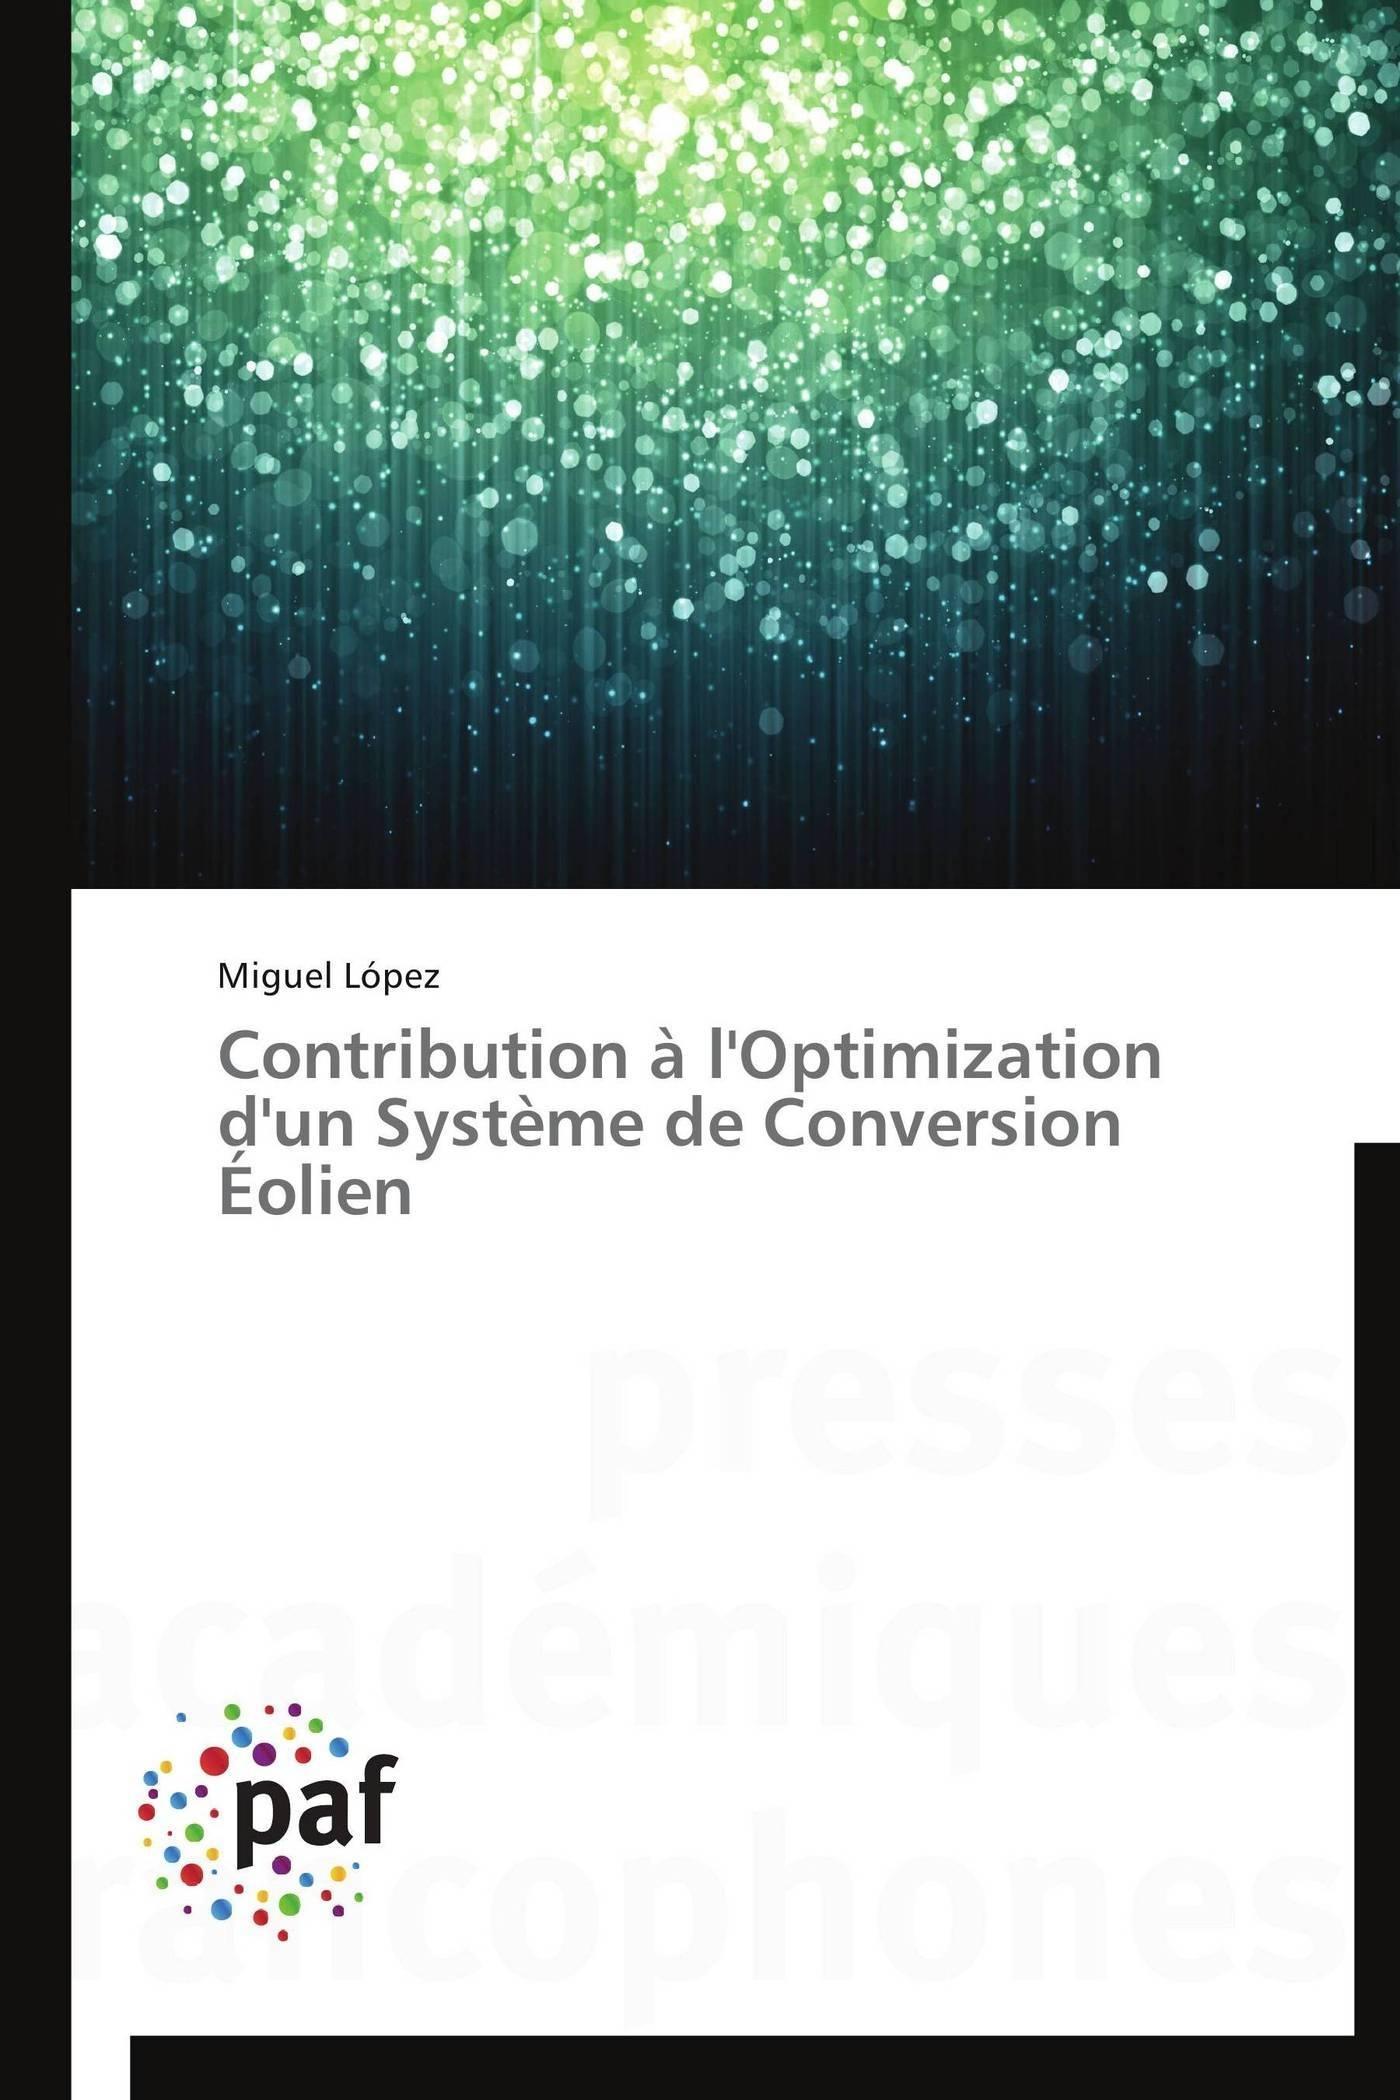 CONTRIBUTION A L'OPTIMIZATION D'UN SYSTEME DE CONVERSION EOLIEN